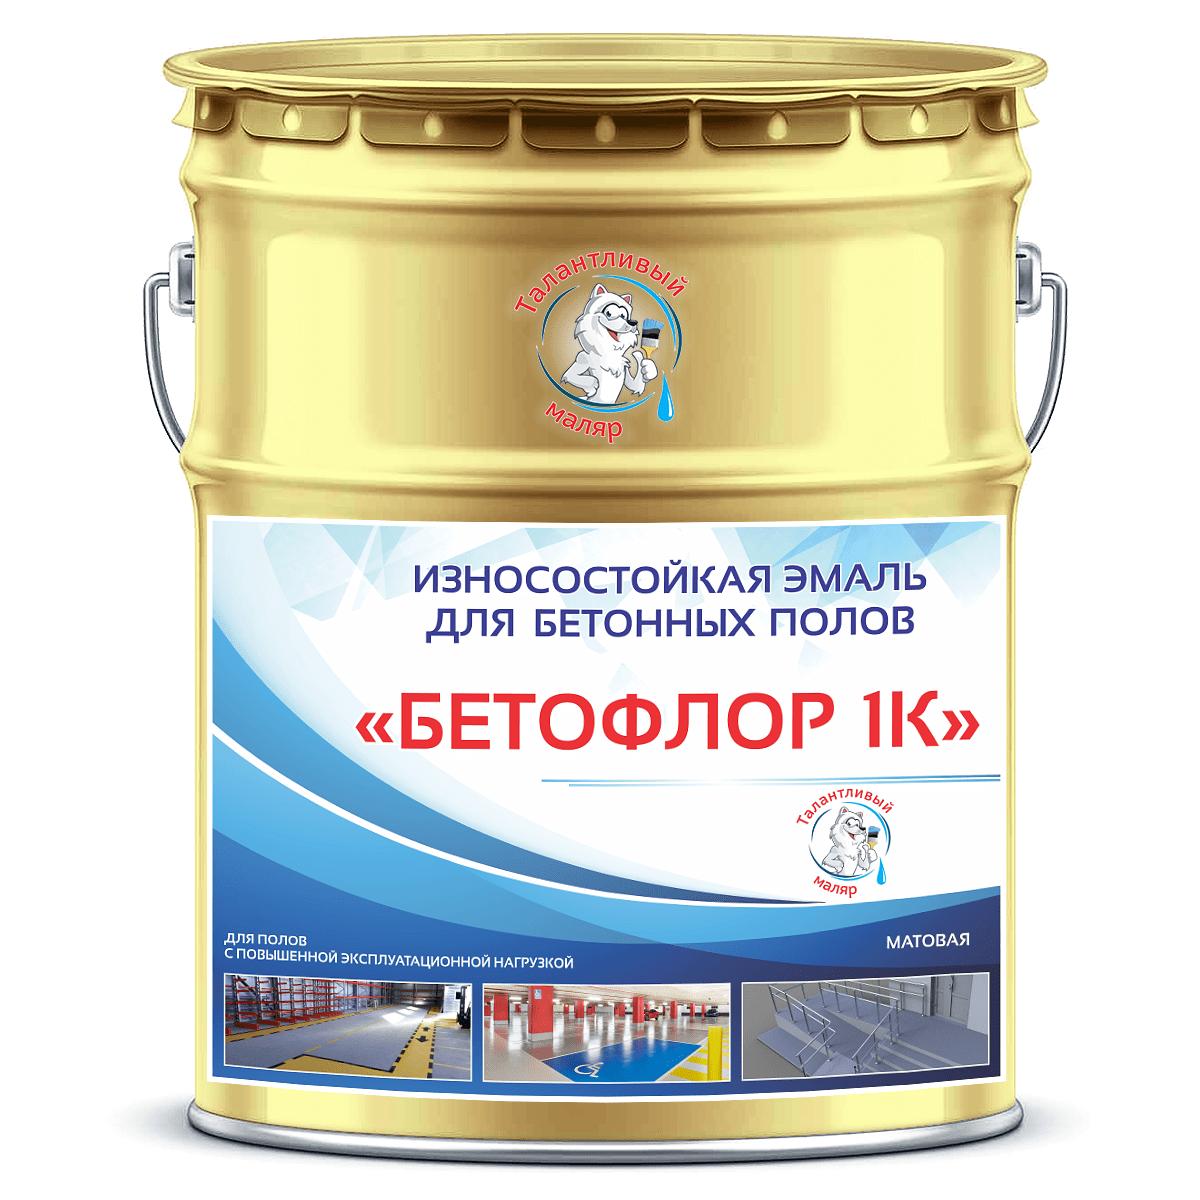 """Фото 8 - BF1002 Эмаль для бетонных полов """"Бетофлор"""" 1К цвет RAL 1002 Песочно-жёлтый, матовая износостойкая, 25 кг """"Талантливый Маляр""""."""